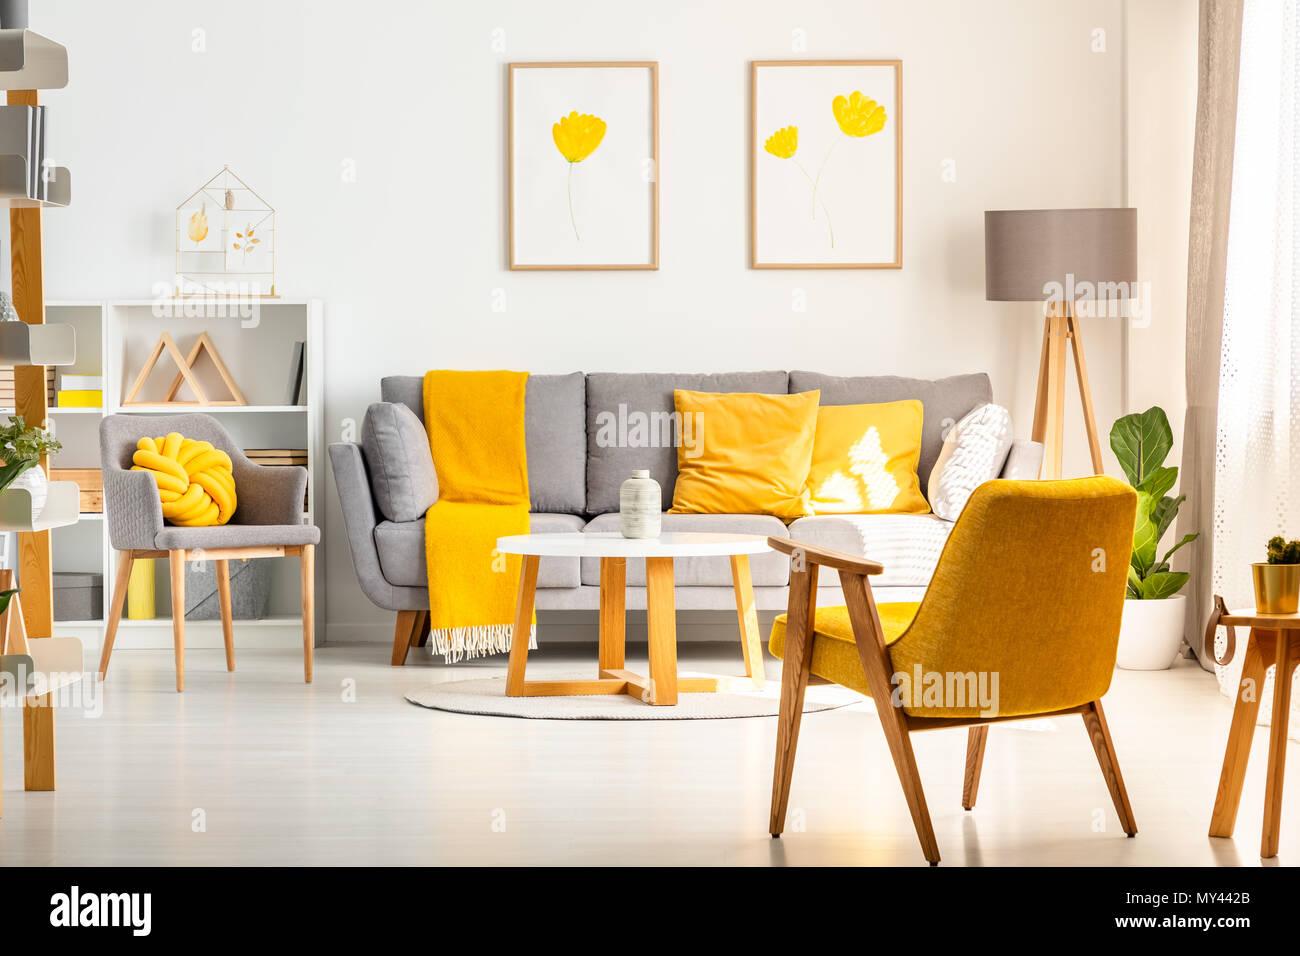 Gelbe Sessel in Weiß Wohnzimmer Interieur mit Poster über graue Sofa ...